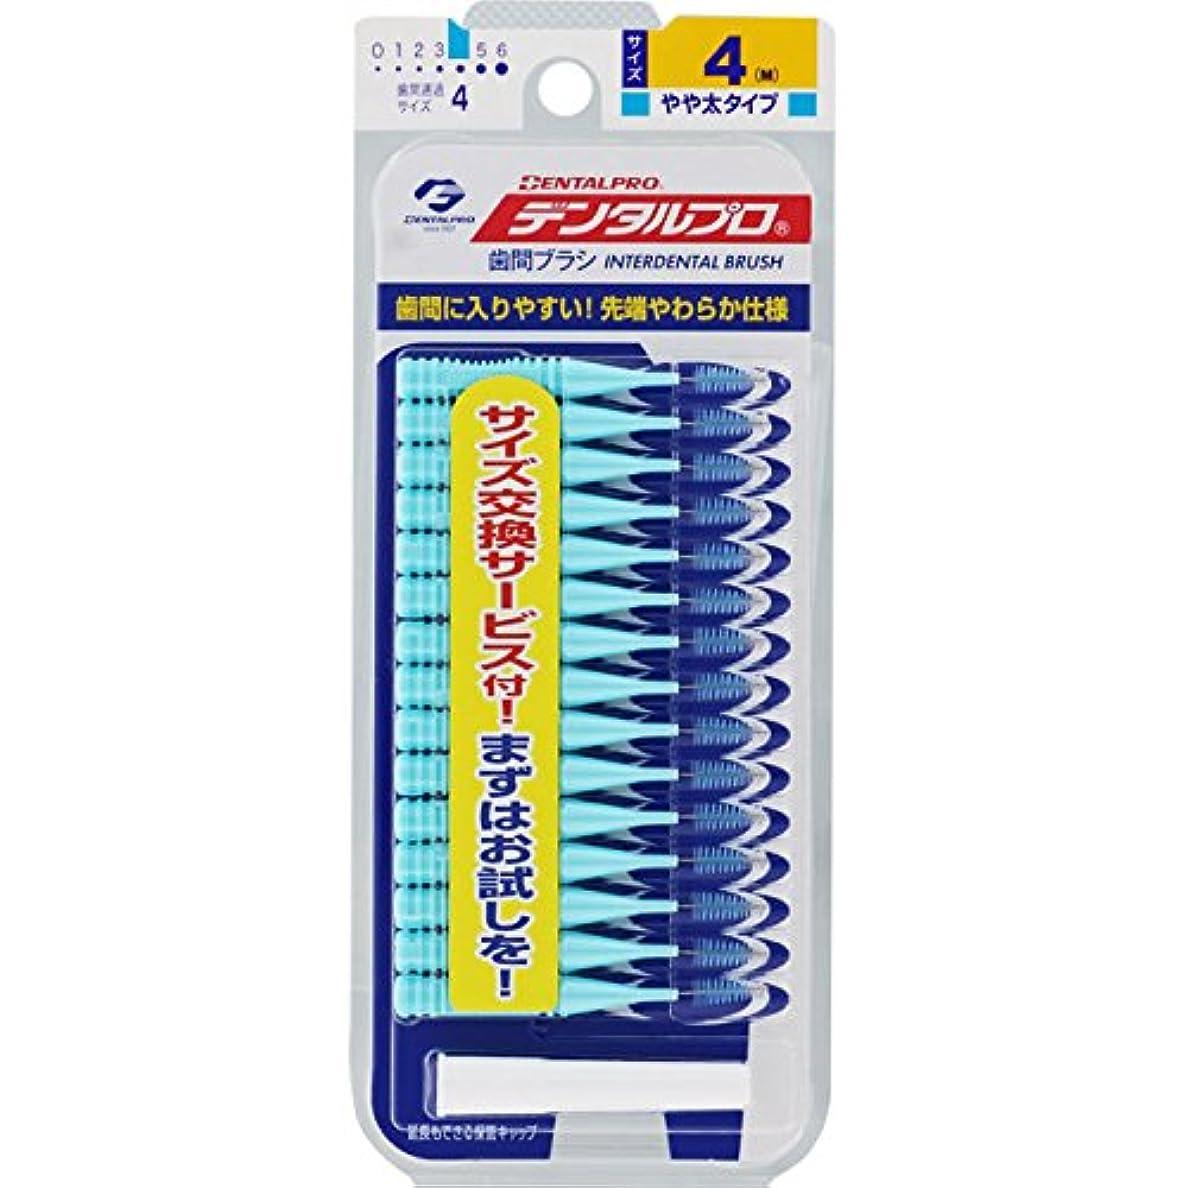 正義一見運命ジャックス デンタルプロ 歯間ブラシ(I字型) サイズ4 ブルー M